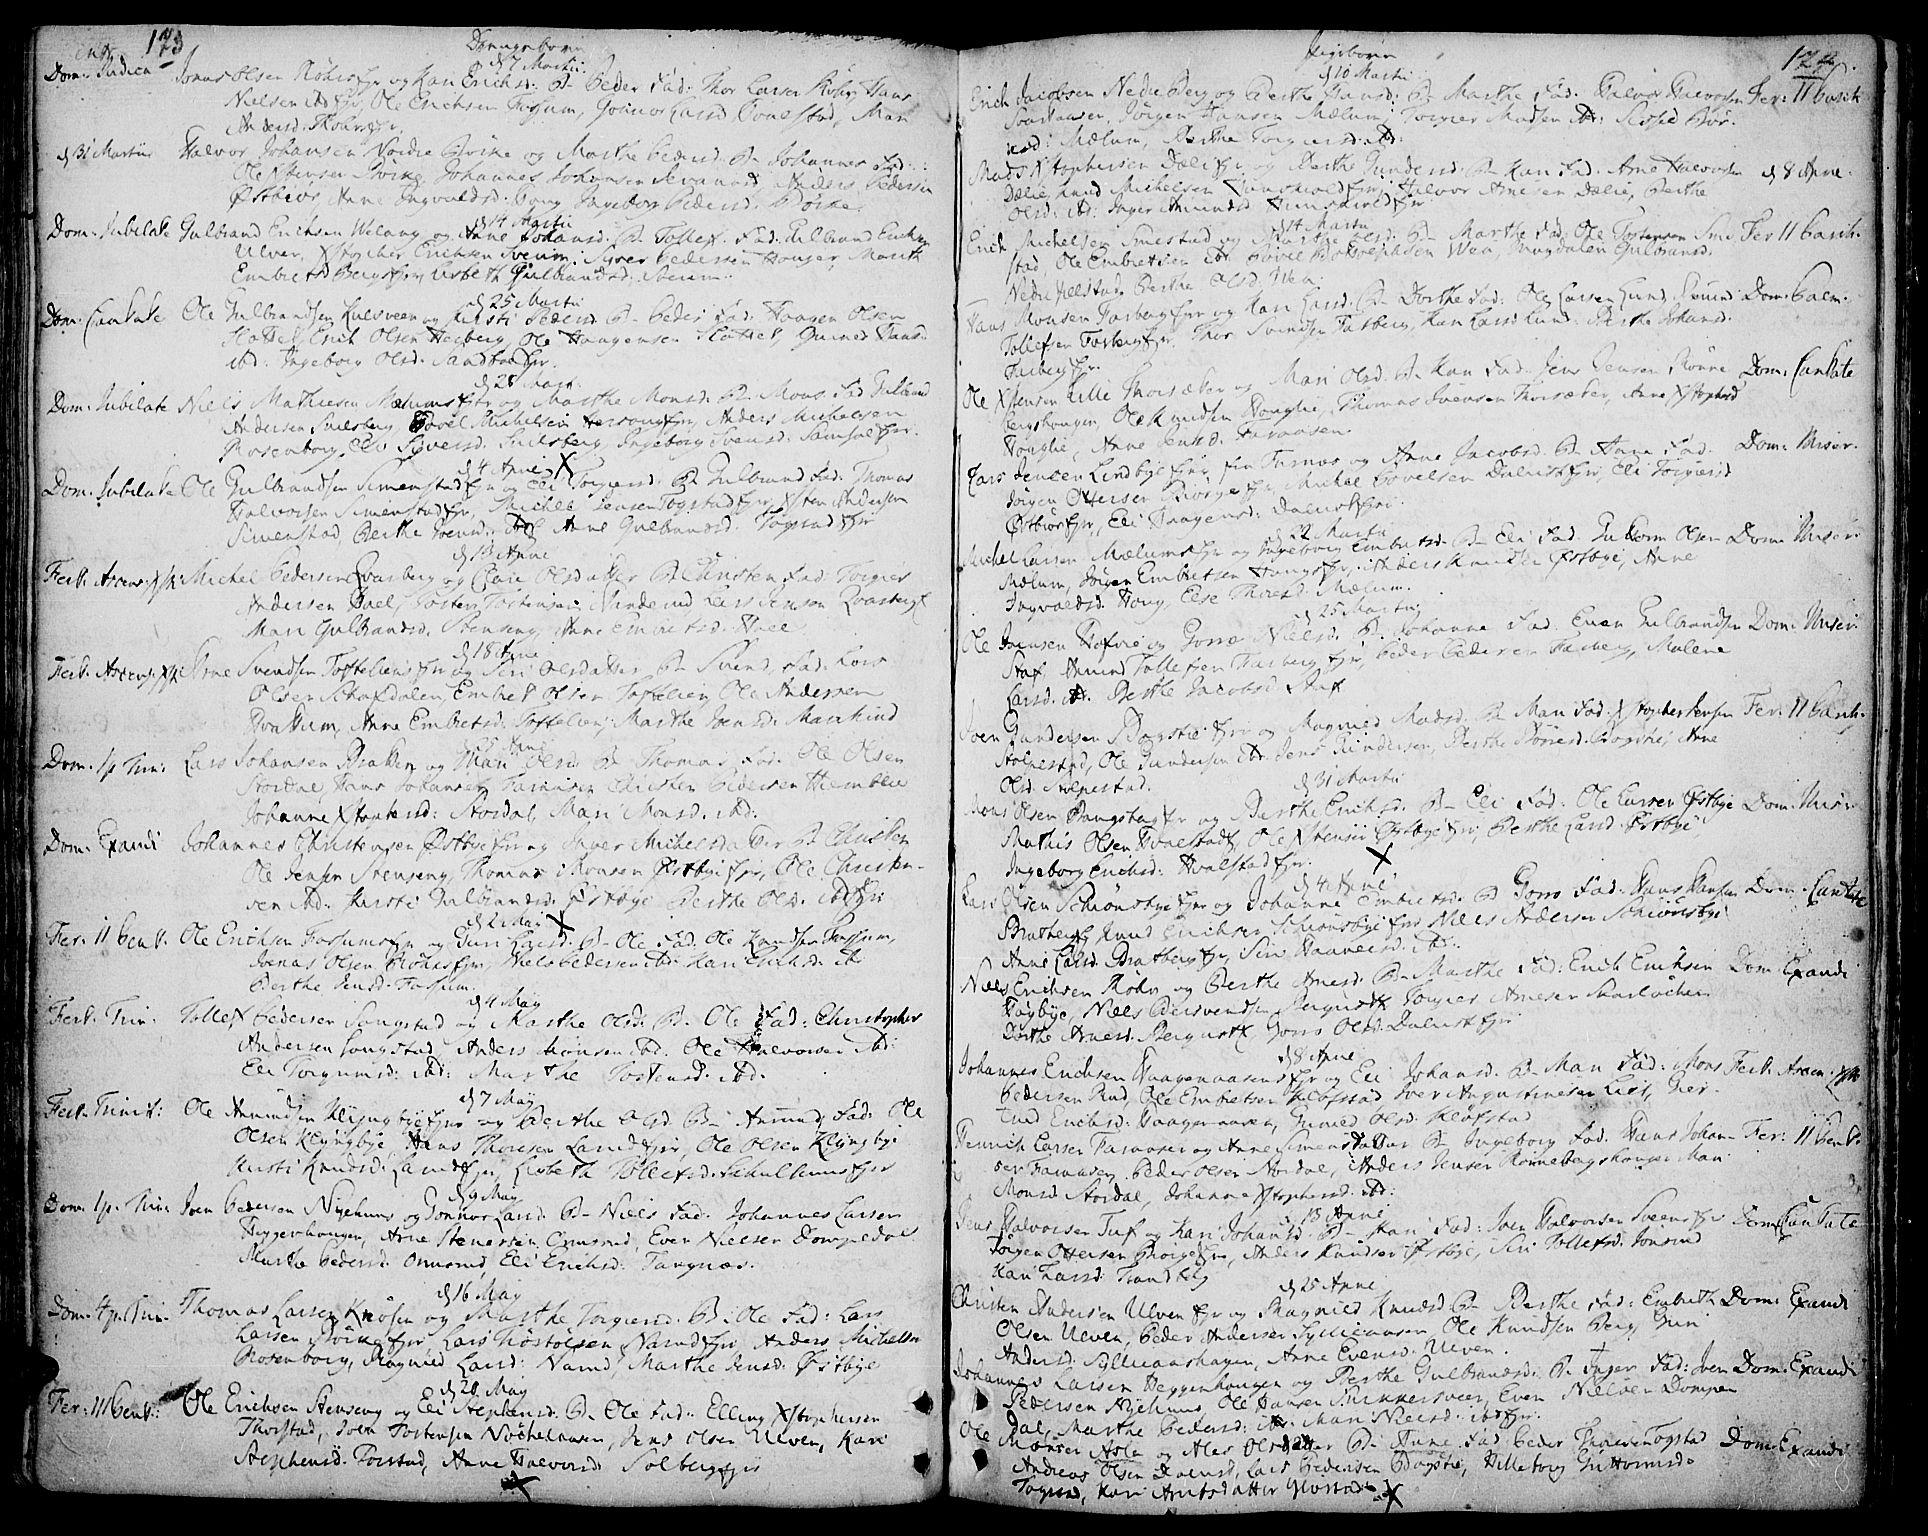 SAH, Ringsaker prestekontor, K/Ka/L0002: Ministerialbok nr. 2, 1747-1774, s. 173-174